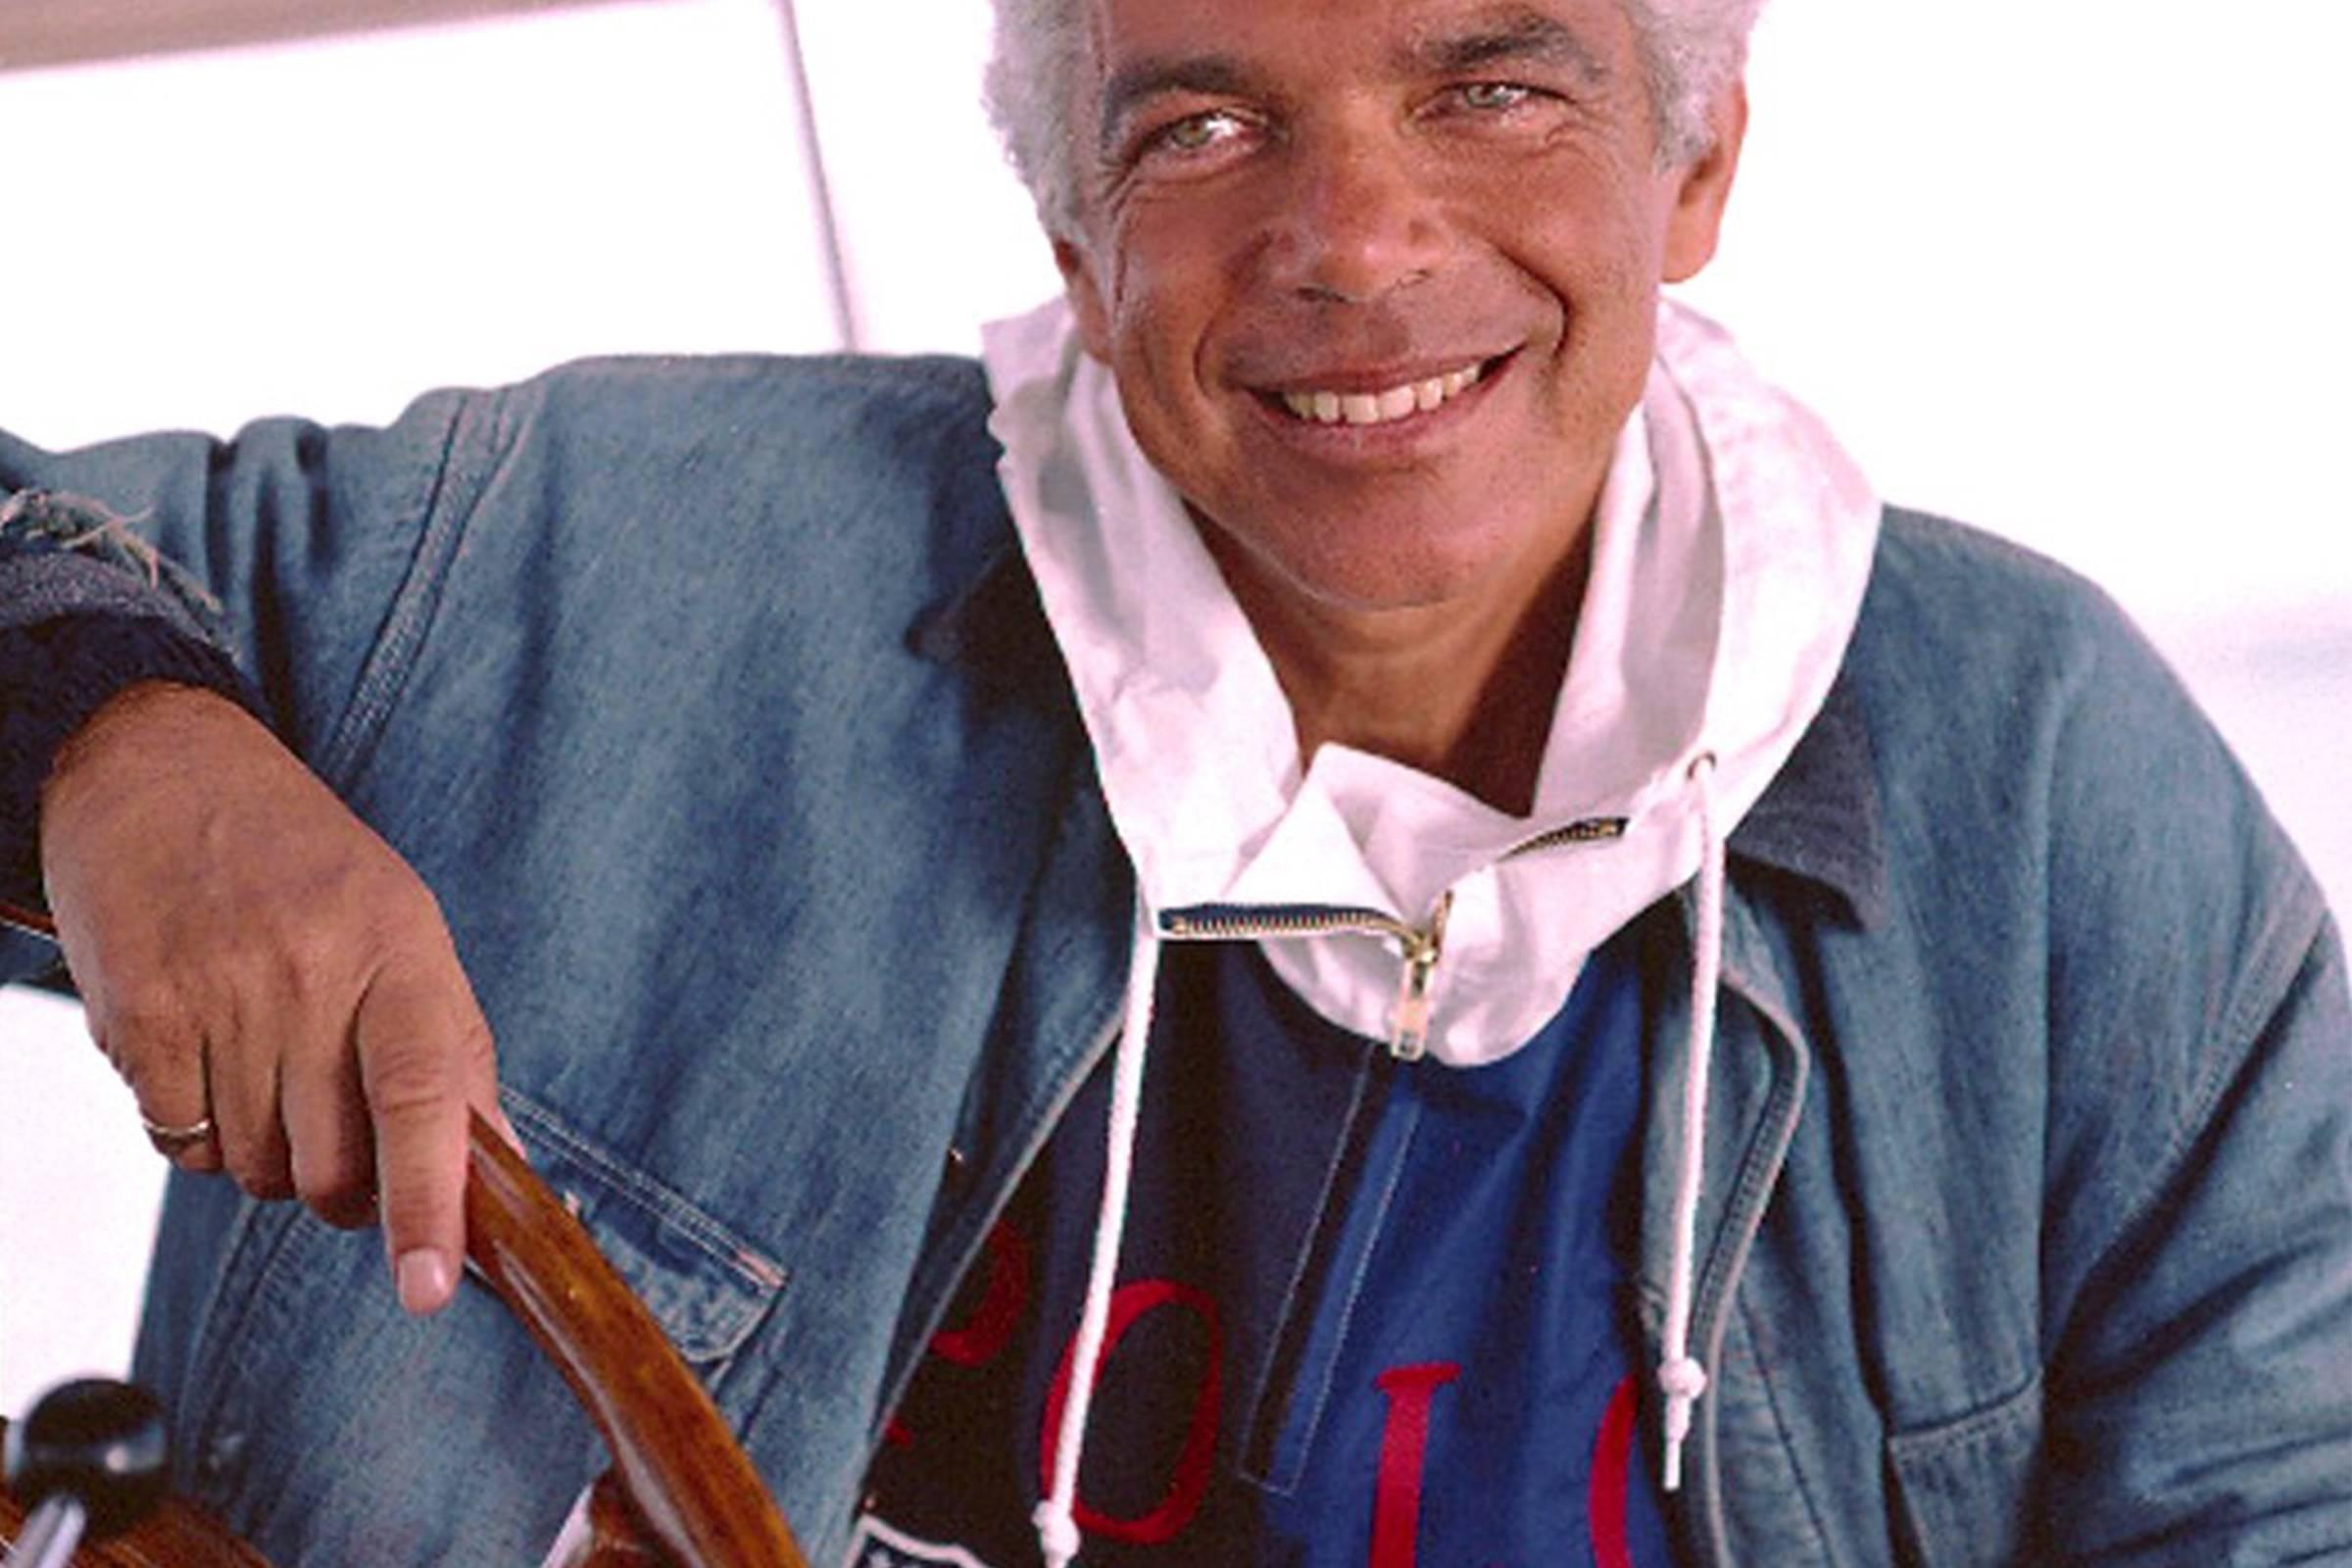 b0373a2674465 Our 10 Favorite Ralph Lauren Grails - Ralph Lauren Polo Grails